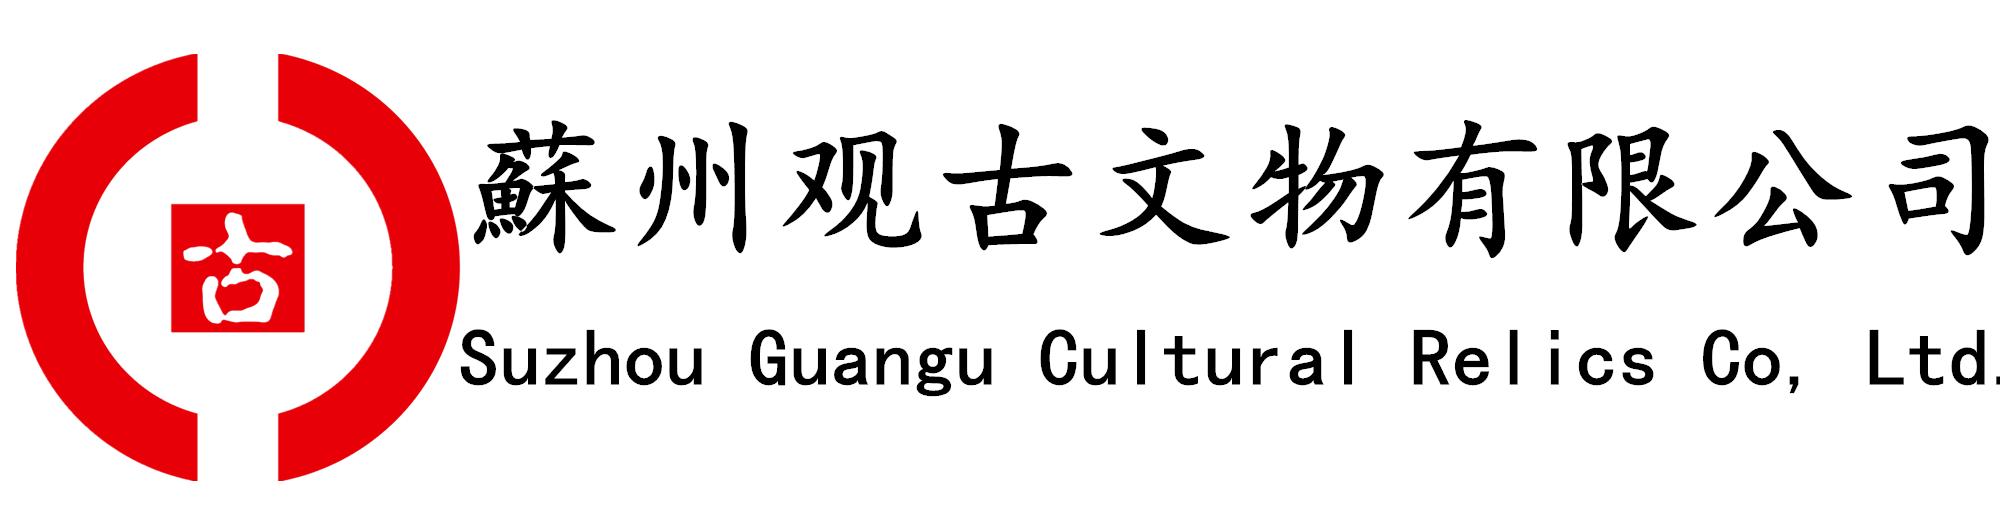 苏州观轩文物有限公司,致力于打造古玩艺术品流通交易中心_资产